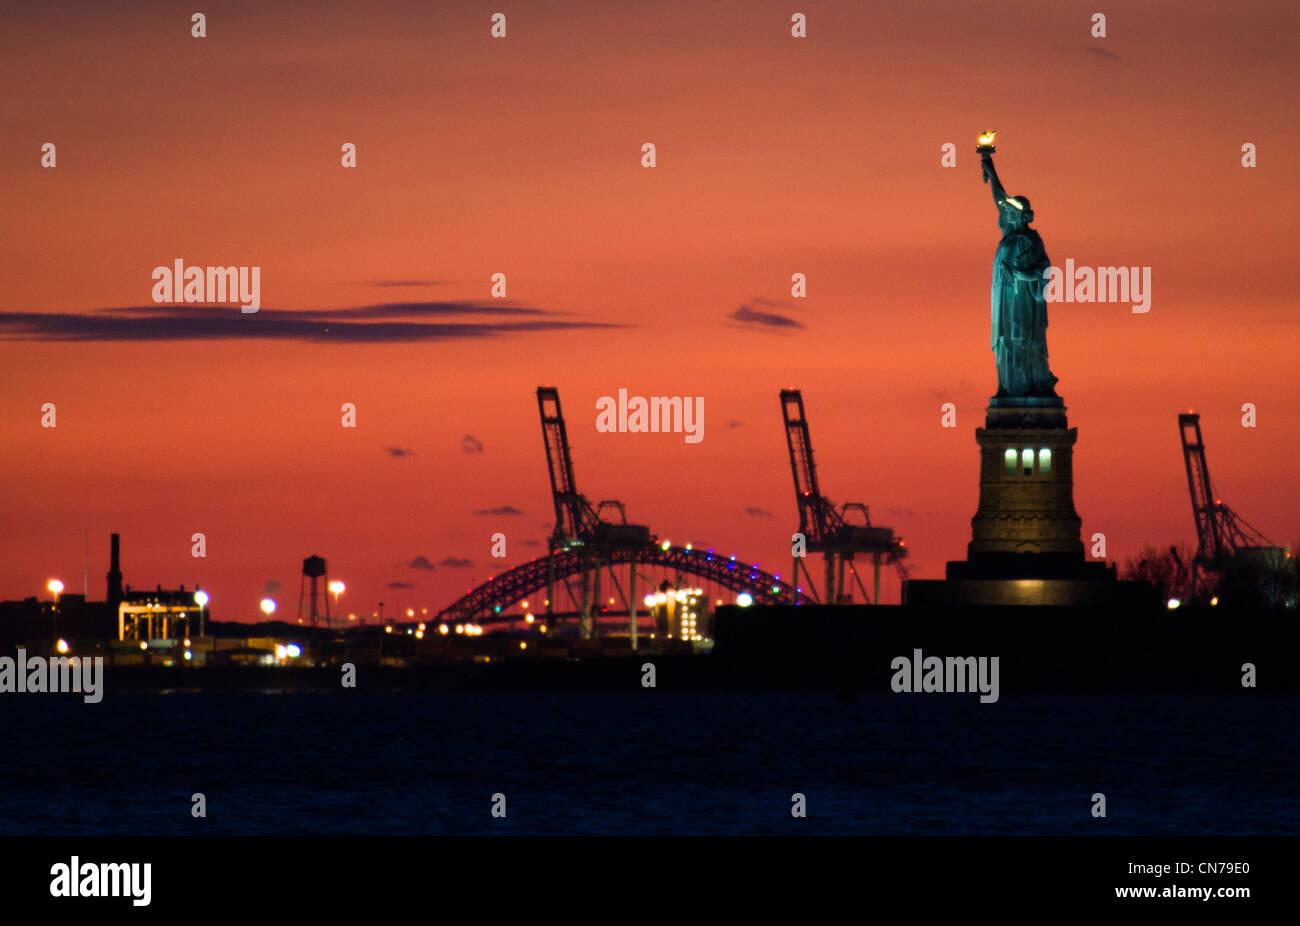 Statua della Libertà si vede al tramonto da Battery Park a New York, NY, STATI UNITI D'AMERICA, 2 gennaio Immagini Stock